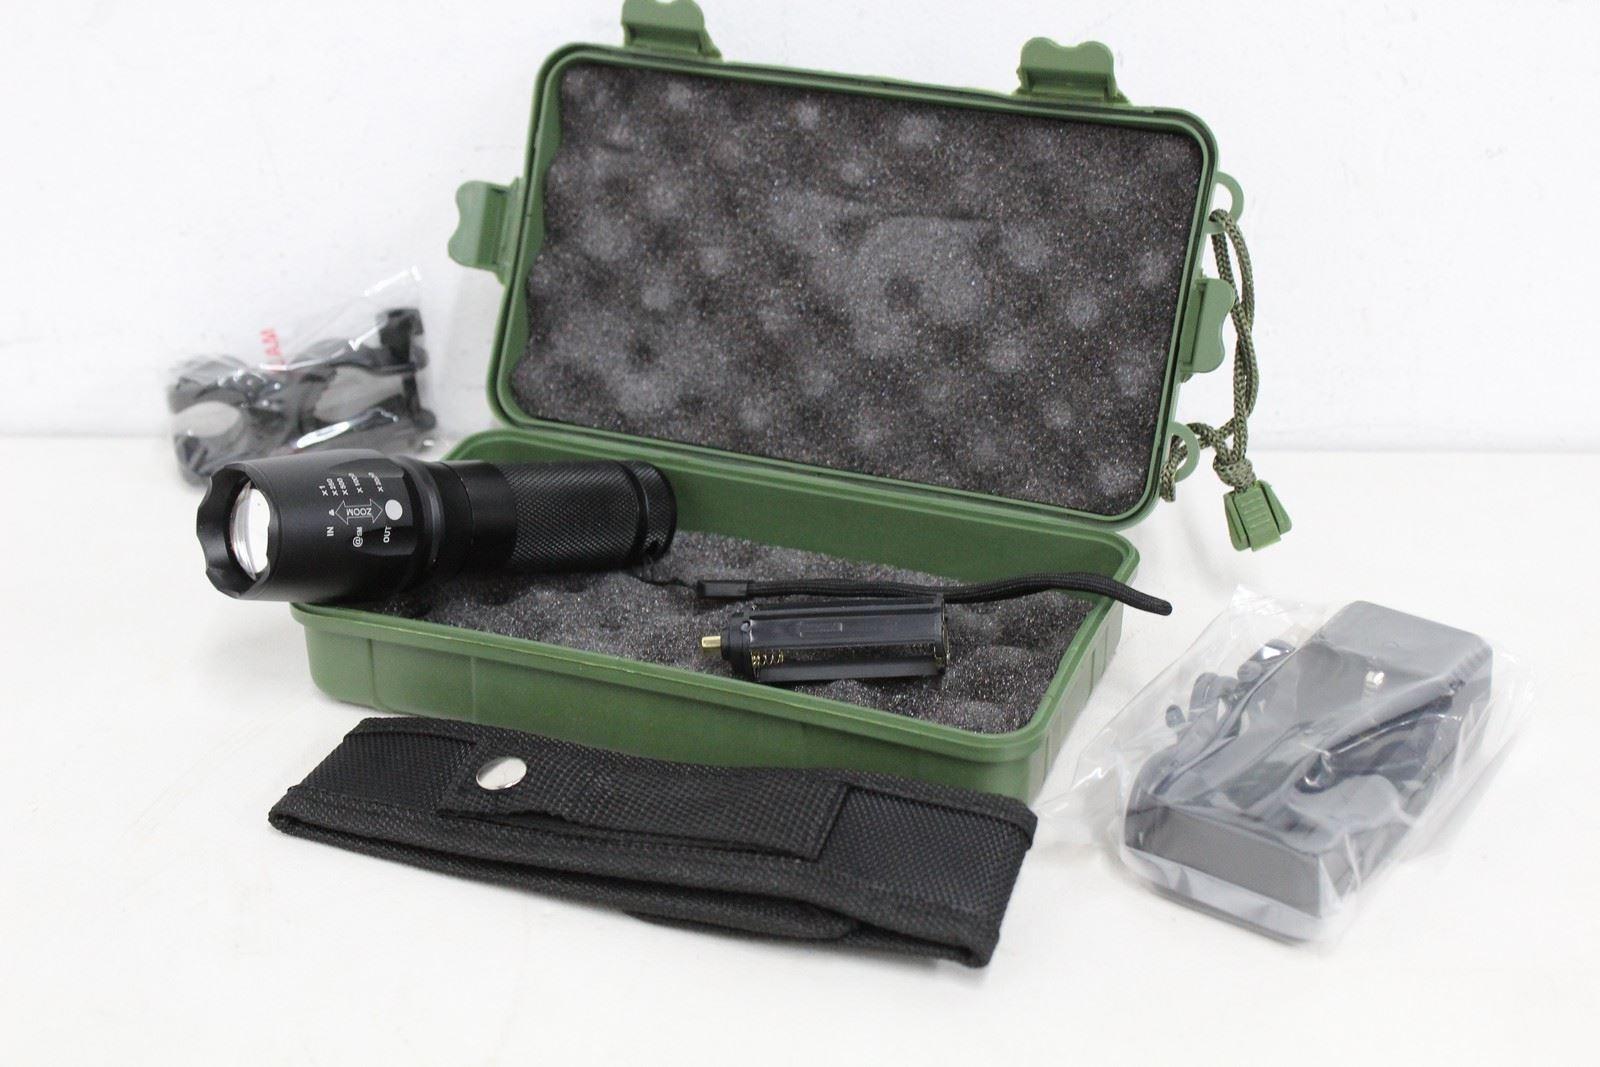 NEW LEDEAK 1200 Lumen Long Range Rechargeable Torch High Power LED Flashlight